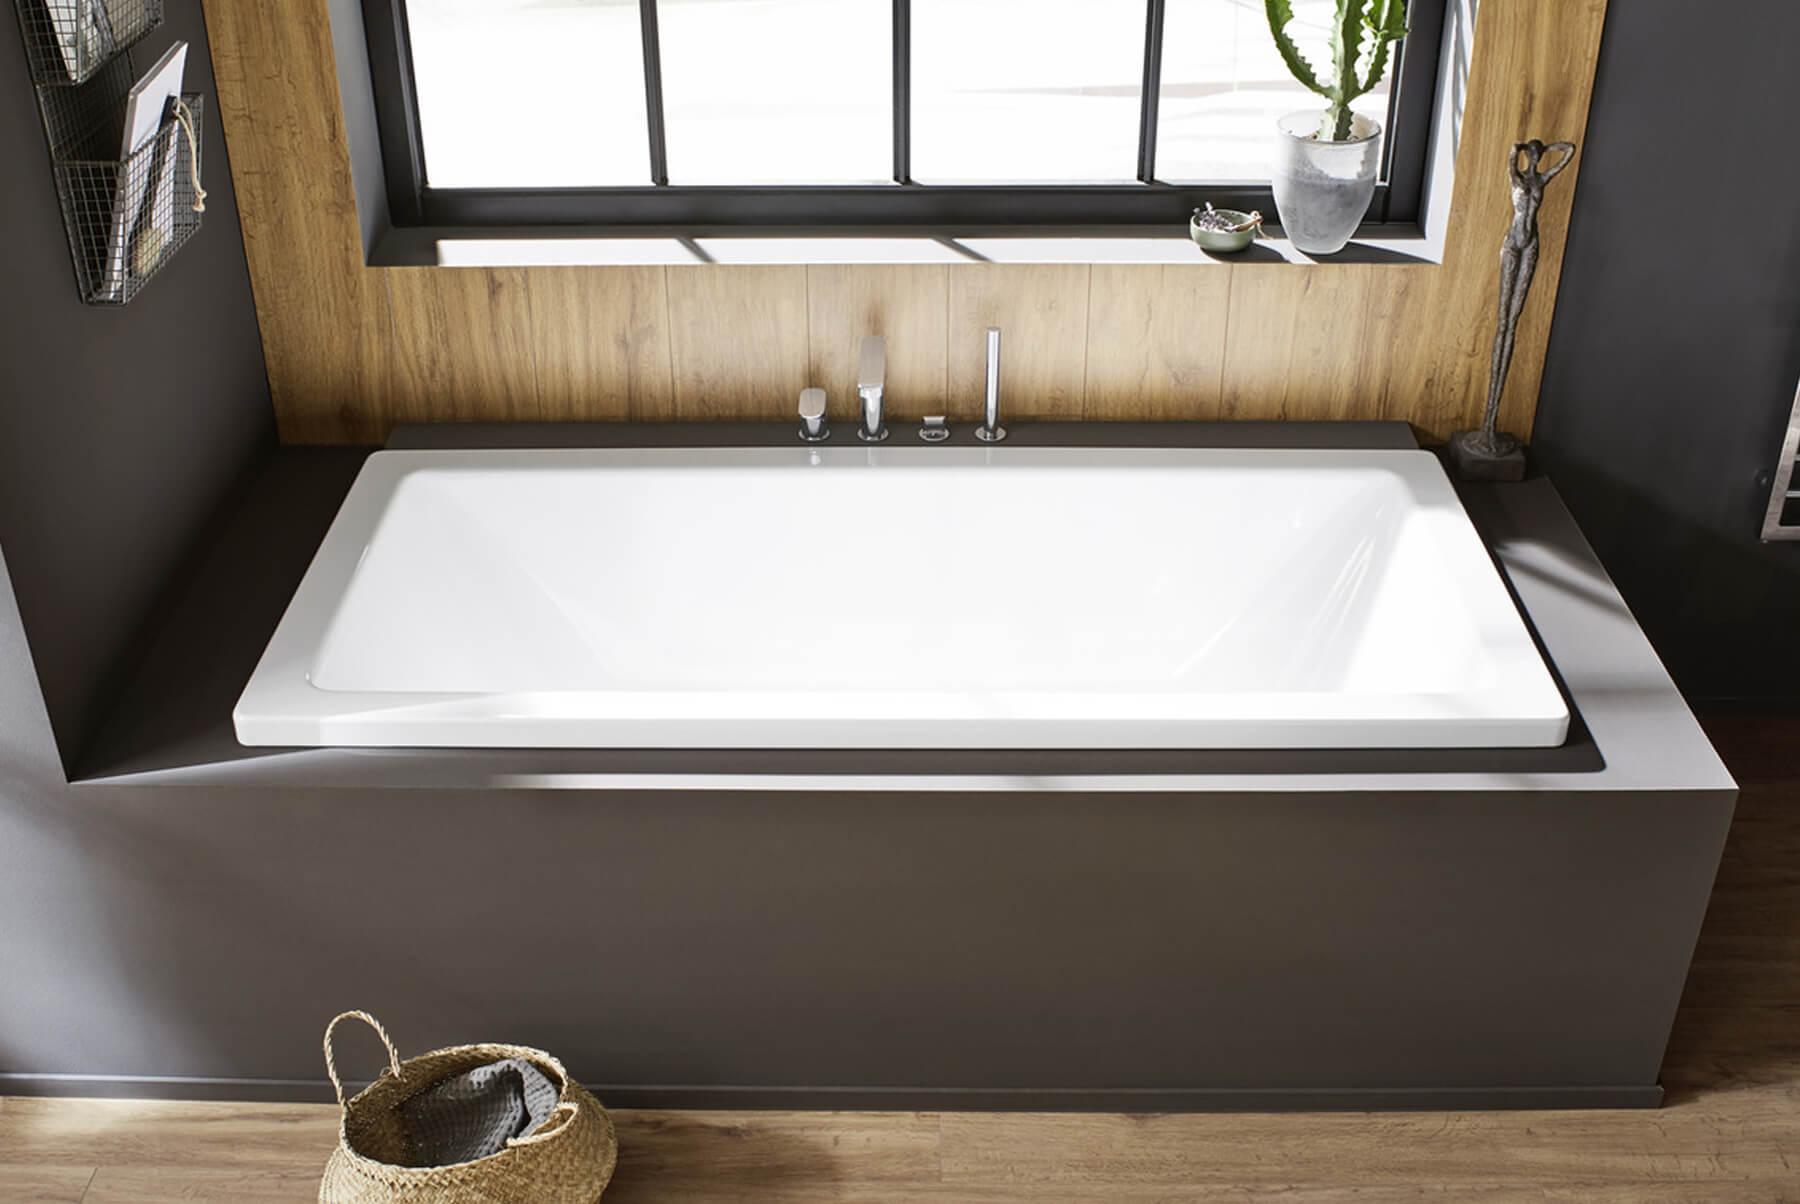 Bath-Tubs-KALDEWEI-CONODUO-4-1800x1204